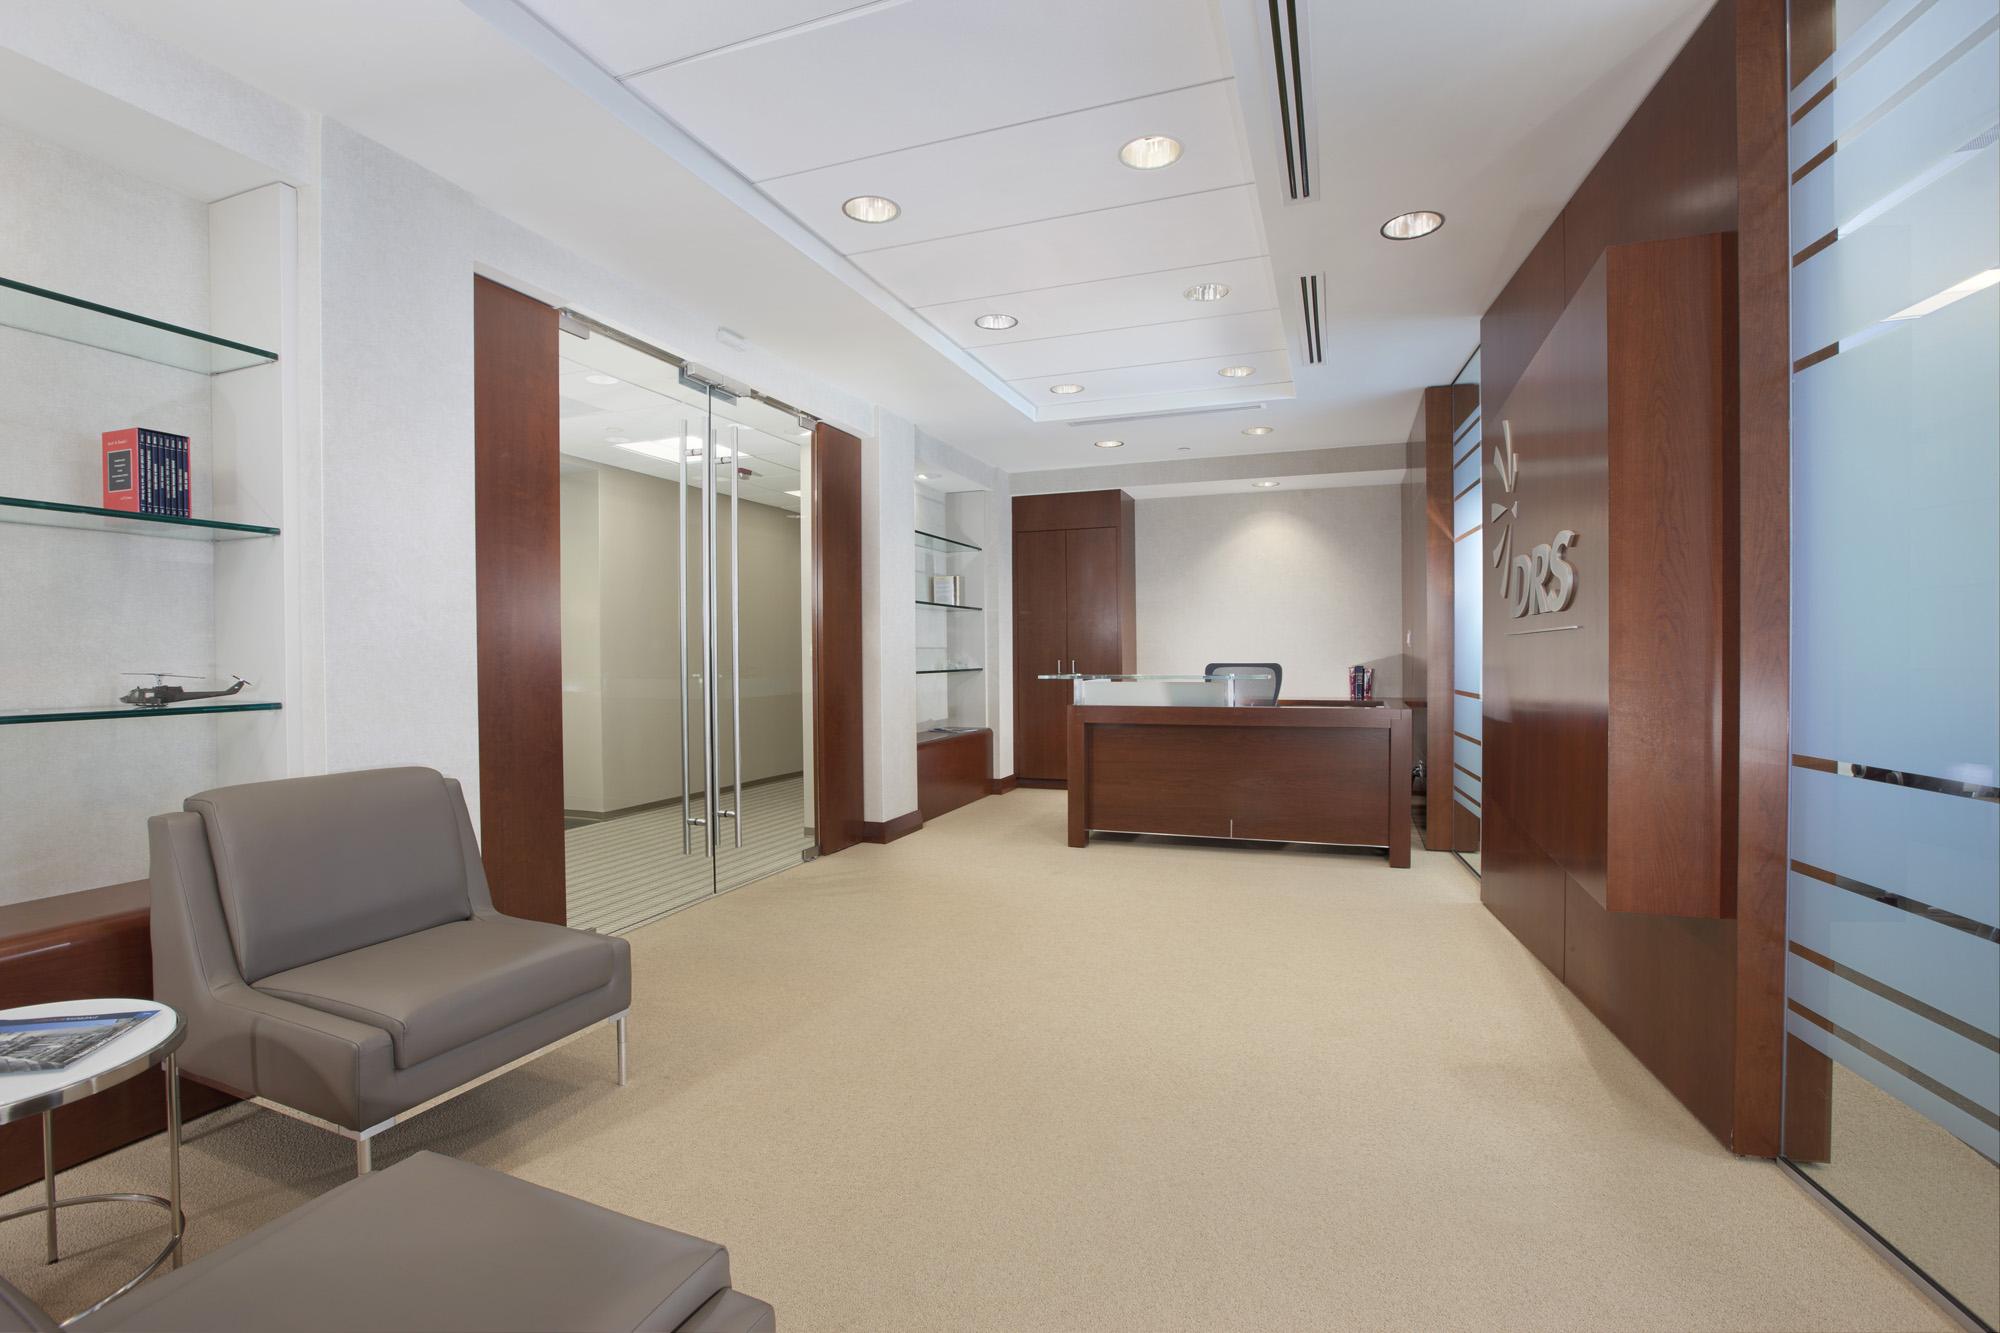 DRS VA Office Interior Image R121254.jpg